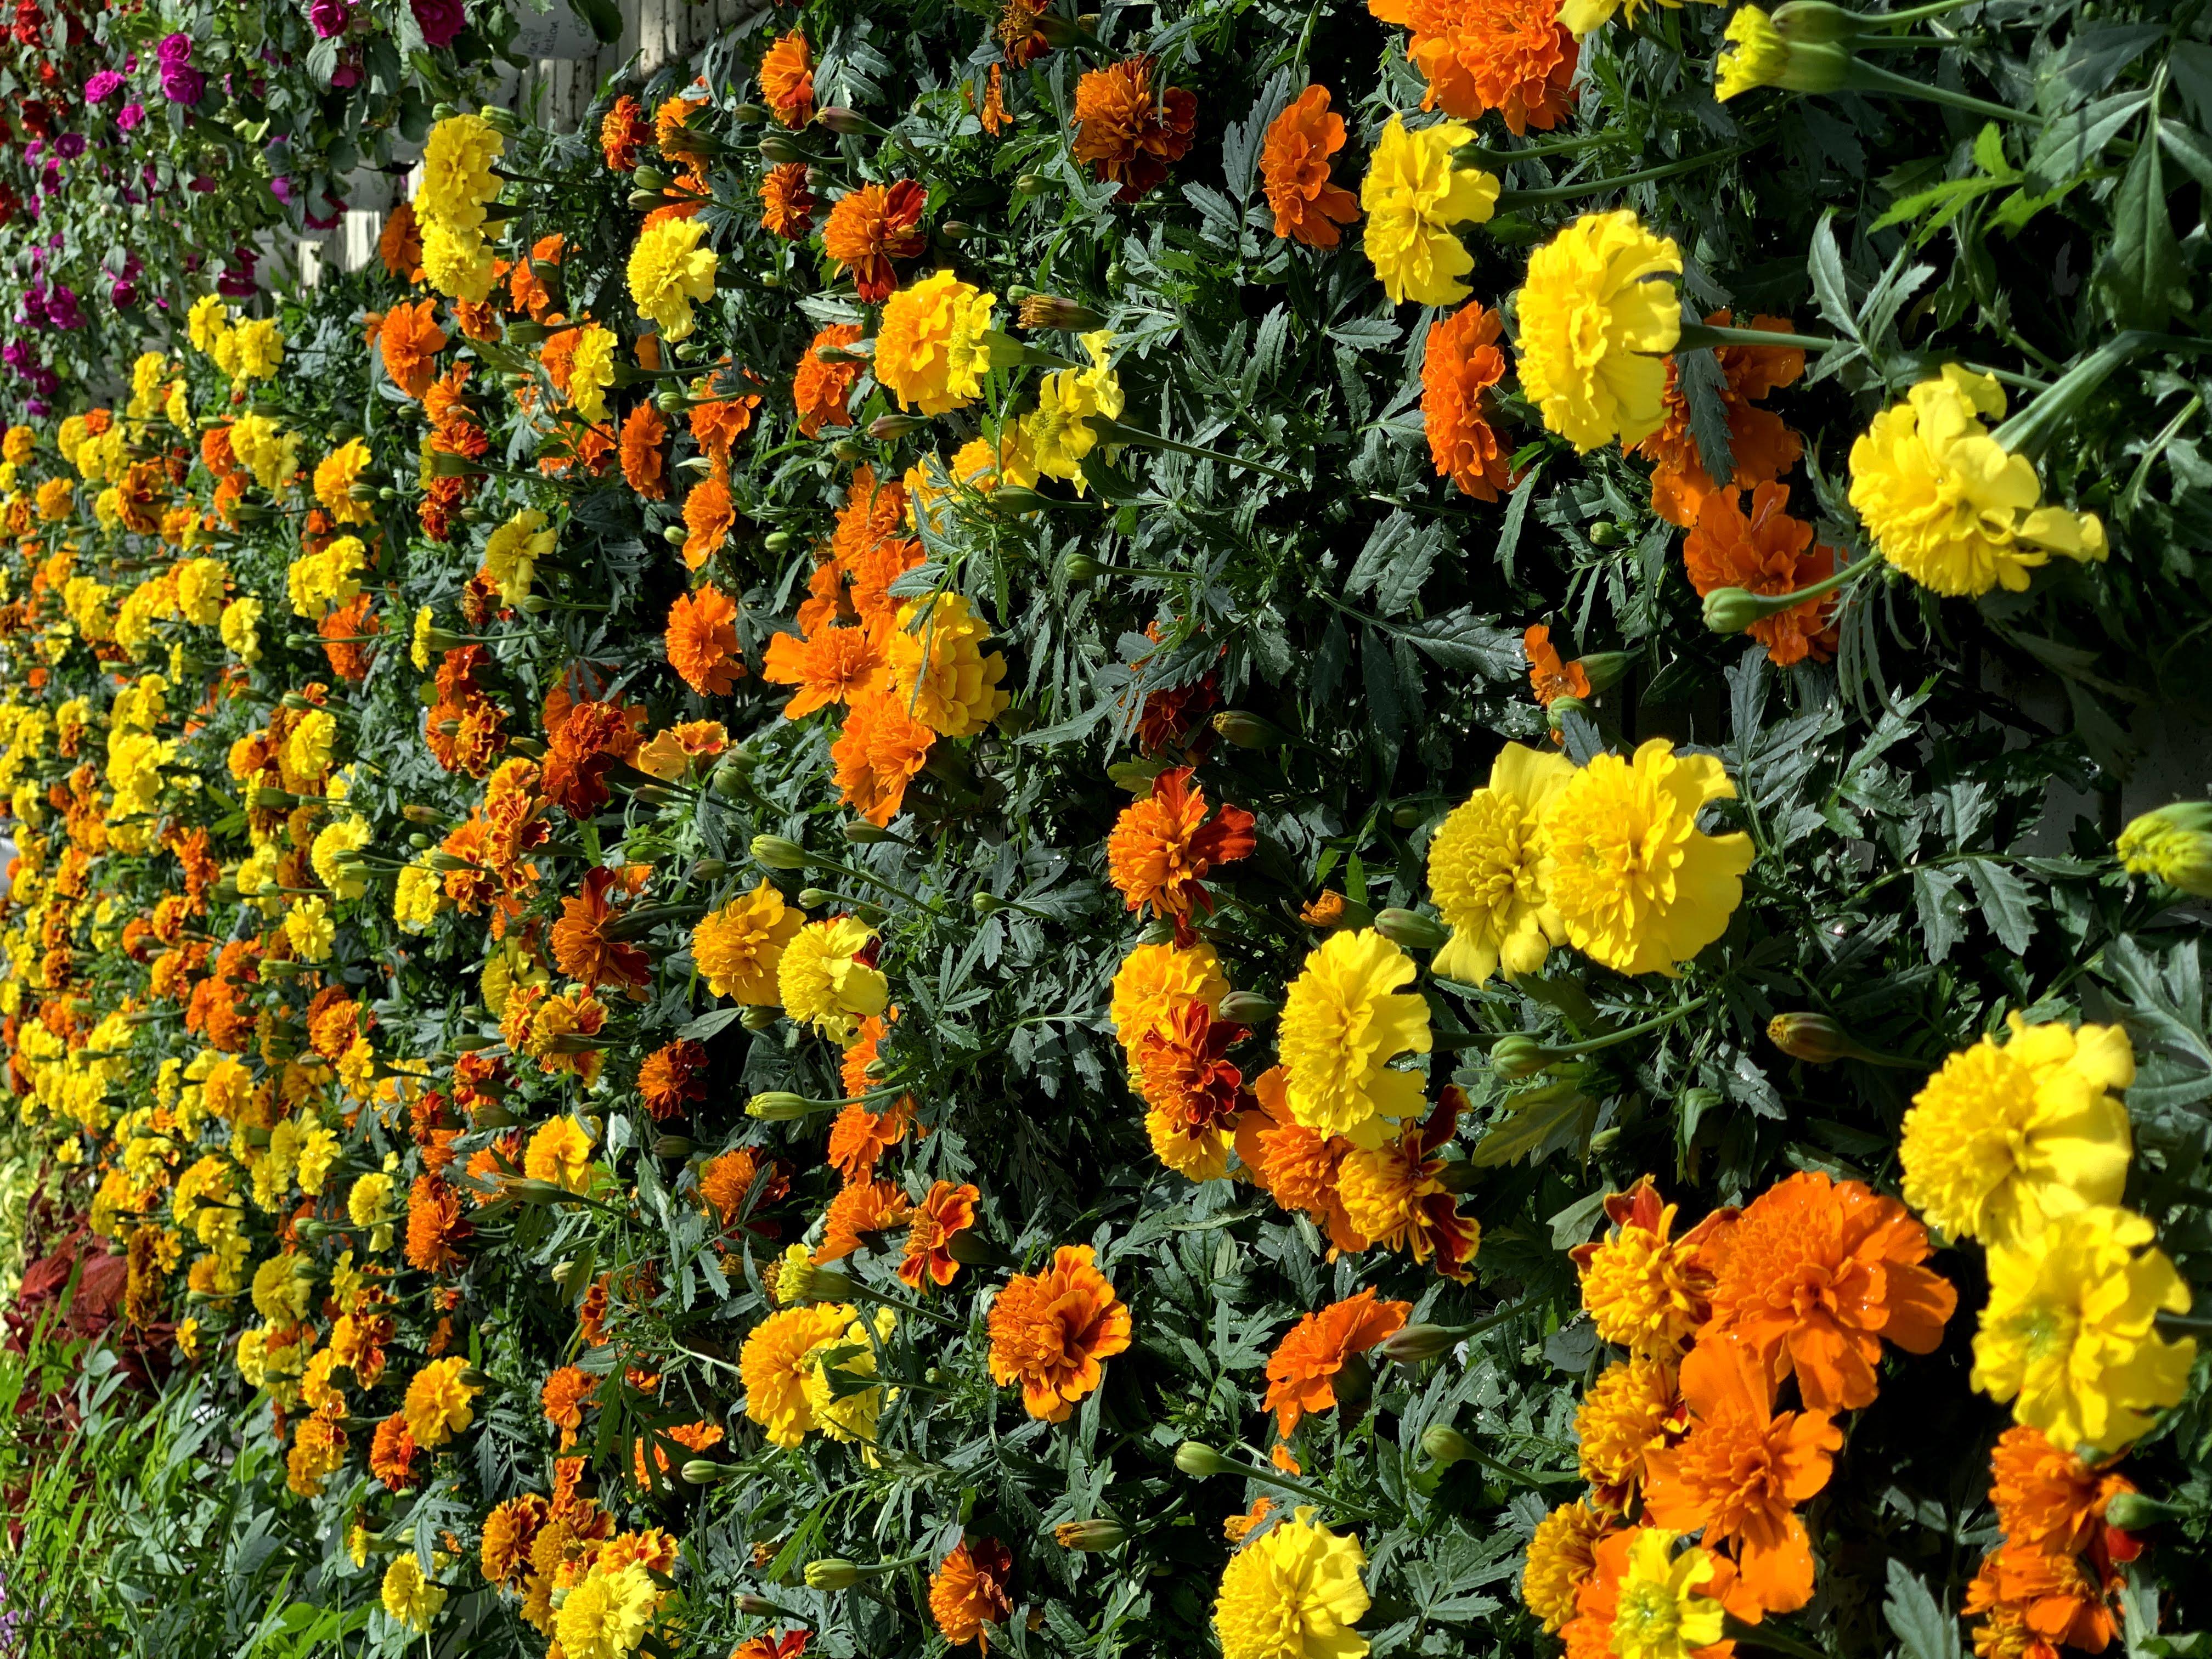 Stehende Sommerblumen